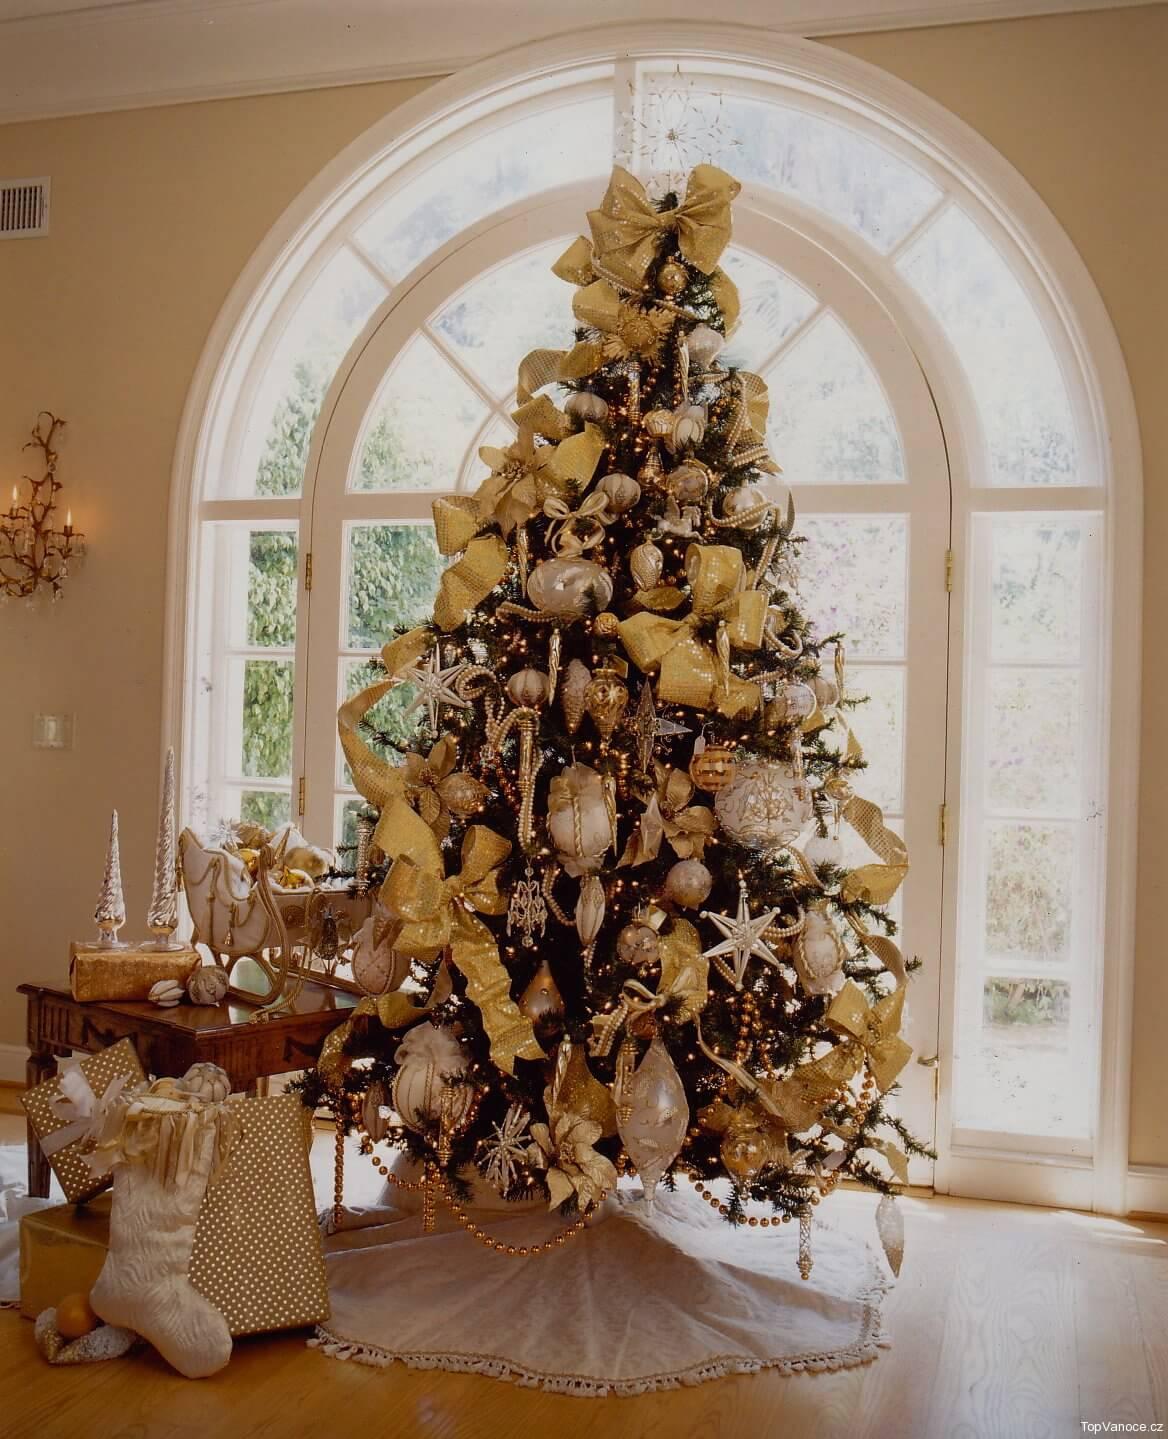 дизайнерские новогодние елки фото выглядят очень милыми